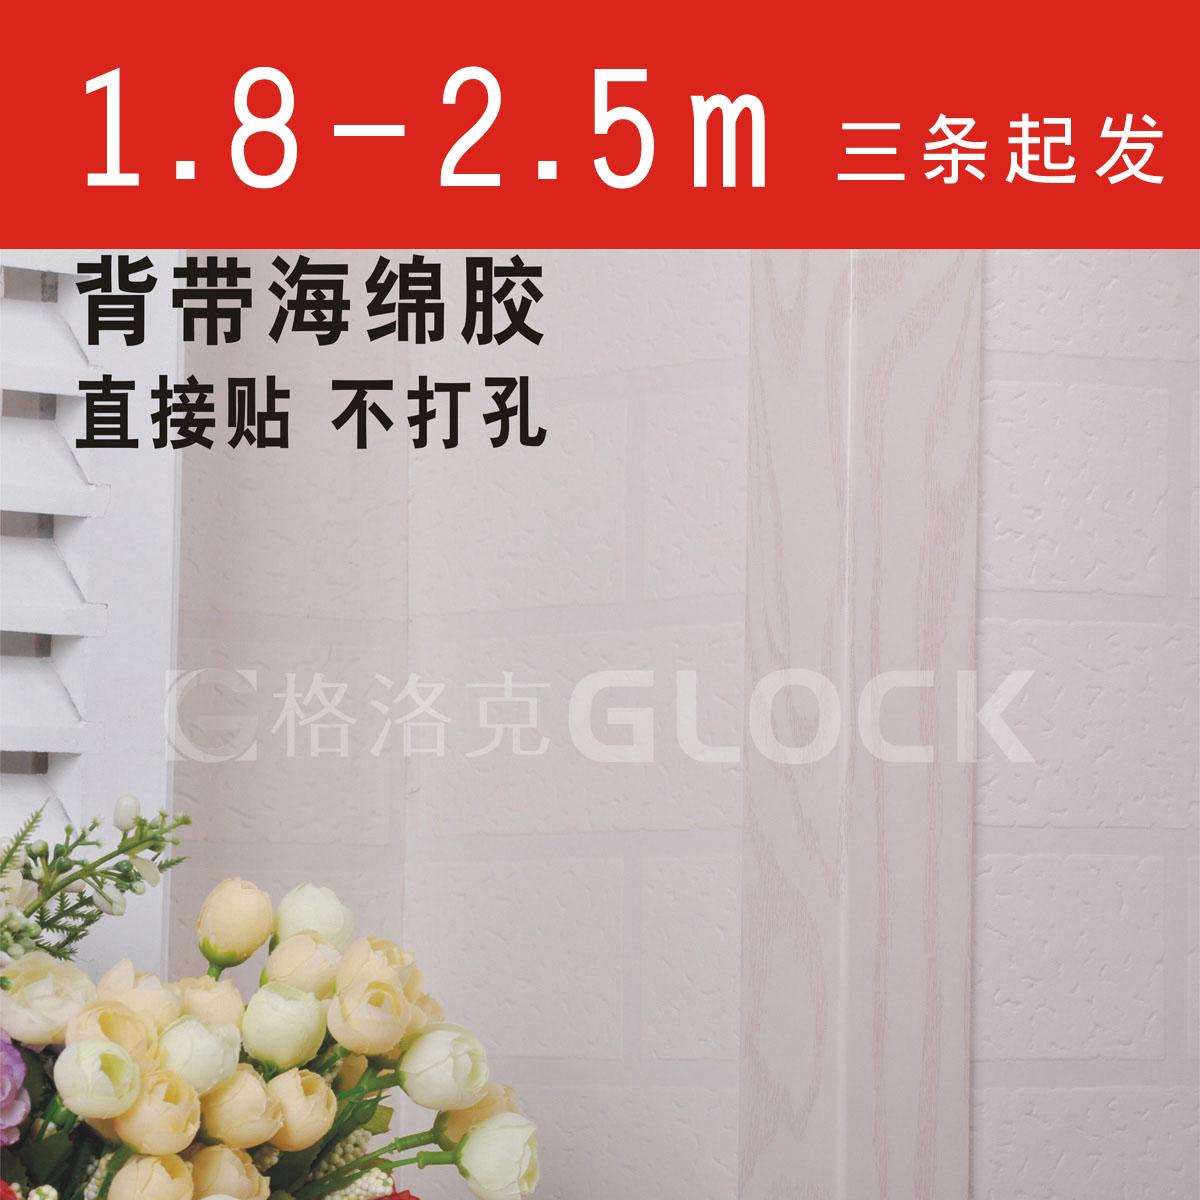 Искусственный мрамор Glock  4.5 1.9-2.5m